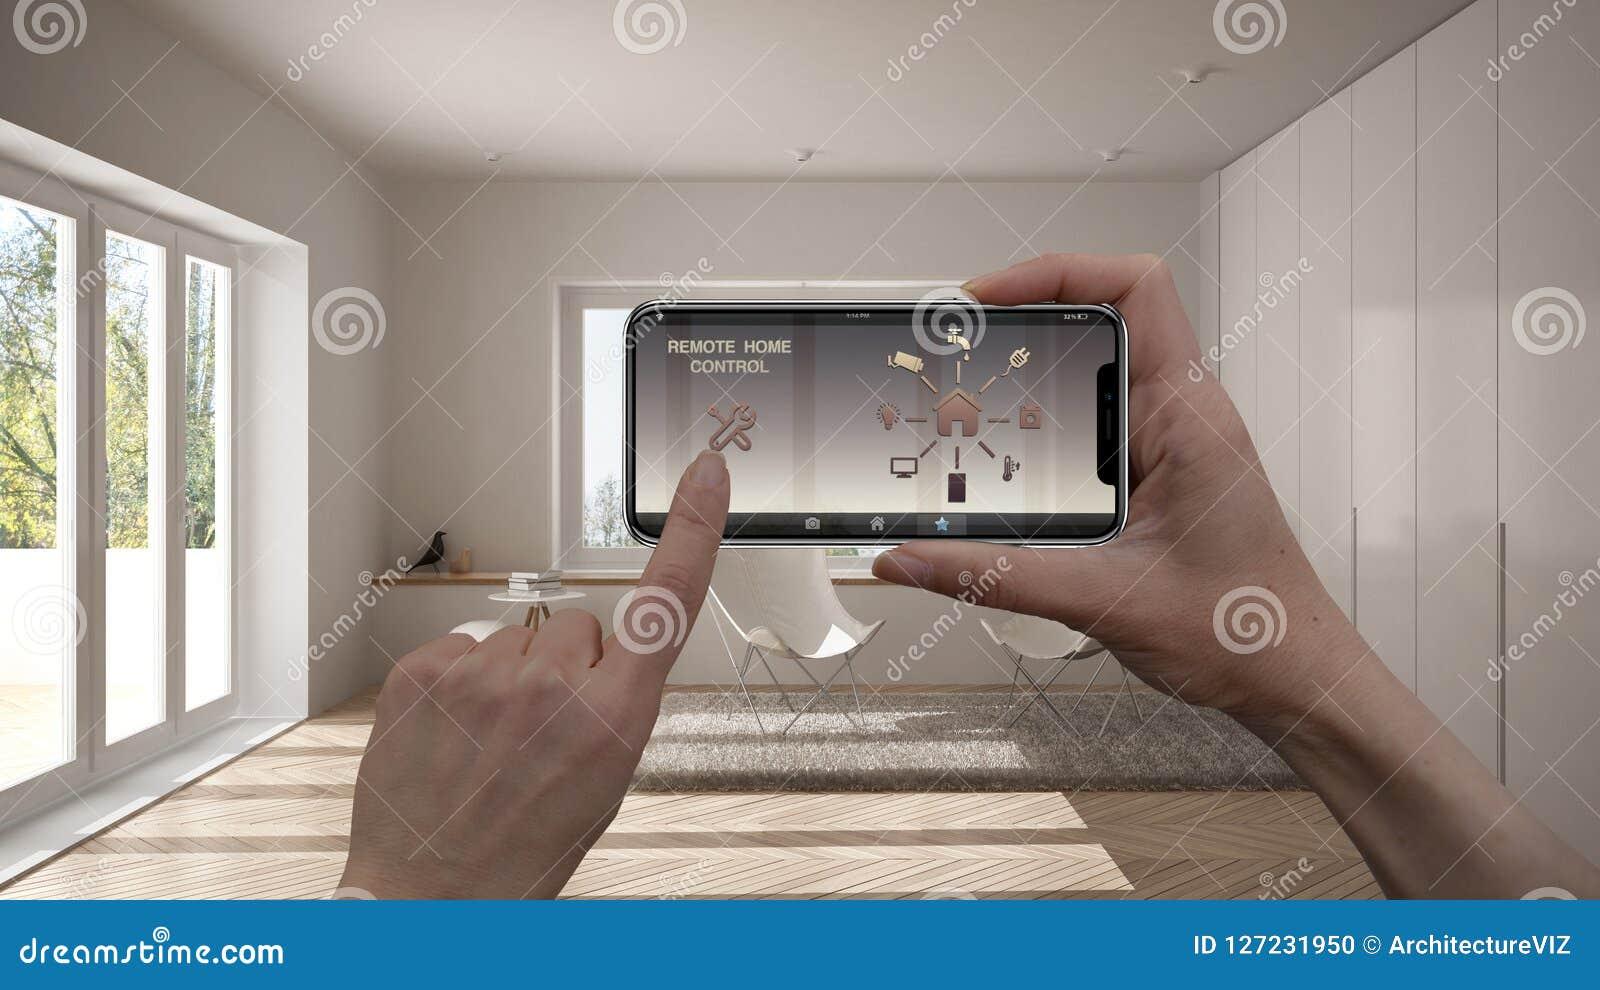 Μακρινό εγχώριο σύστημα ελέγχου σε μια ψηφιακή έξυπνη τηλεφωνική ταμπλέτα Συσκευή με app τα εικονίδια Εσωτερικό του μινιμαλιστικο